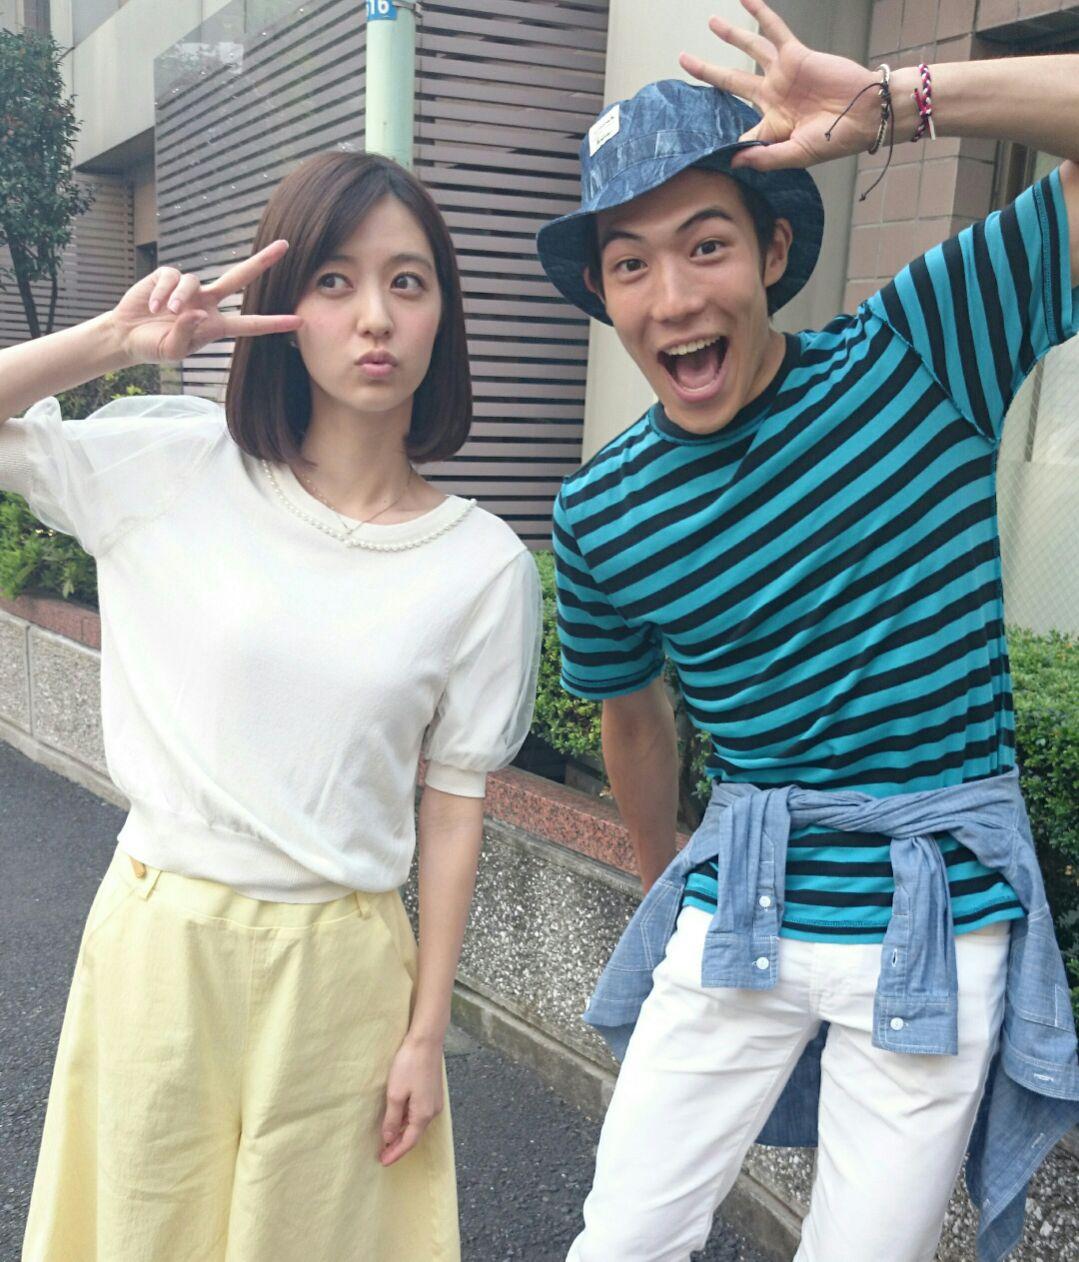 【テレビ出演情報】逢沢りなちゃん、お笑いコンビ結成!?_1